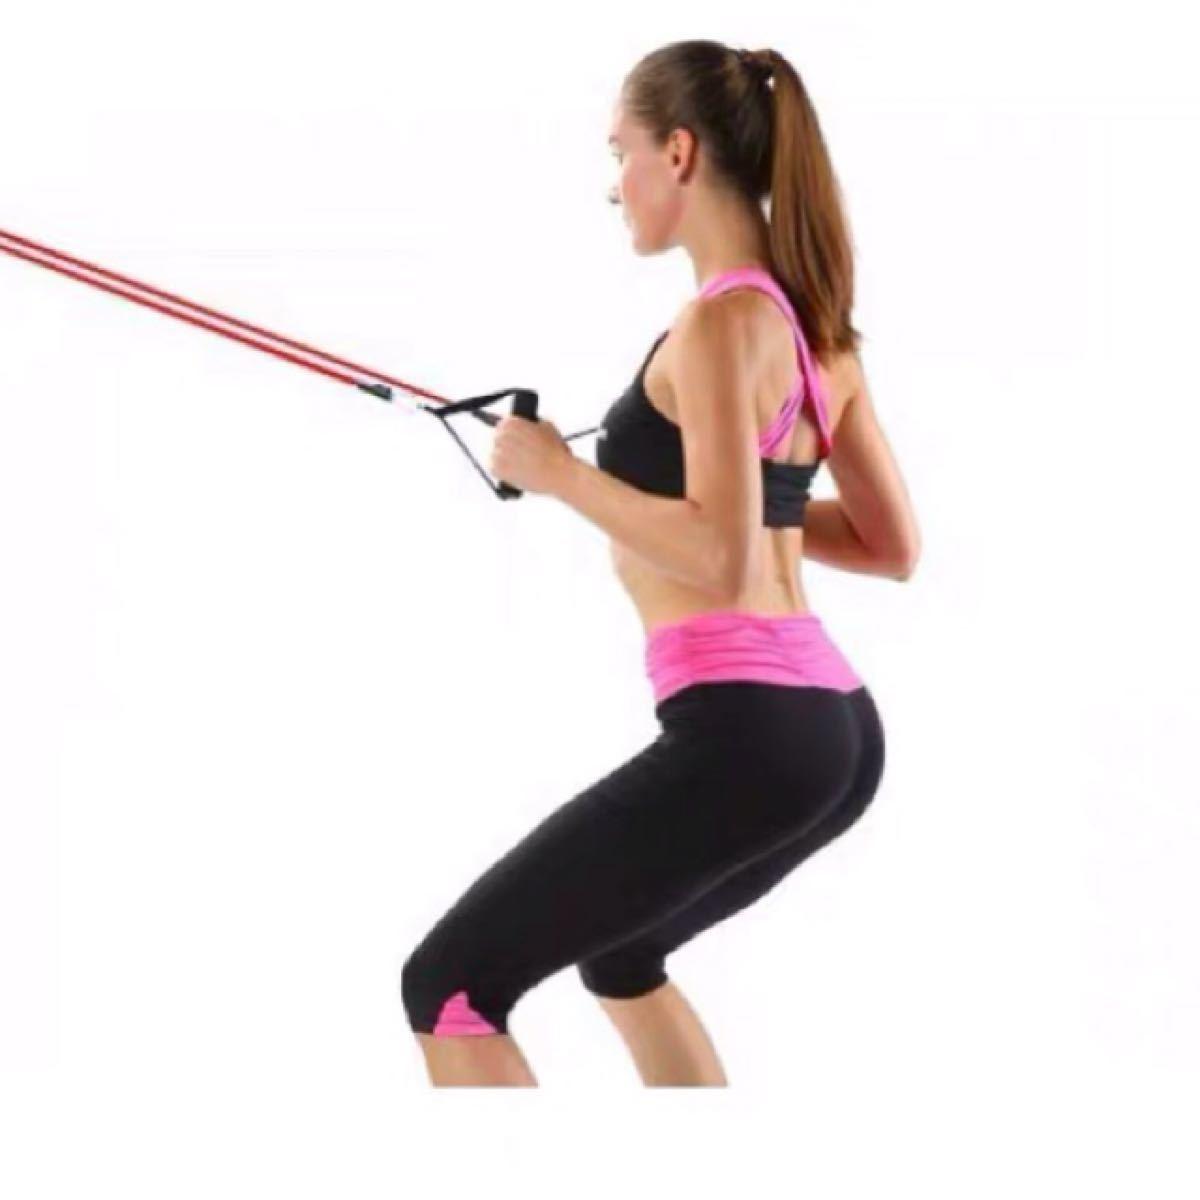 エクササイズ トレーニングチューブ 筋トレ ダイエット ストレッチ フィットネス